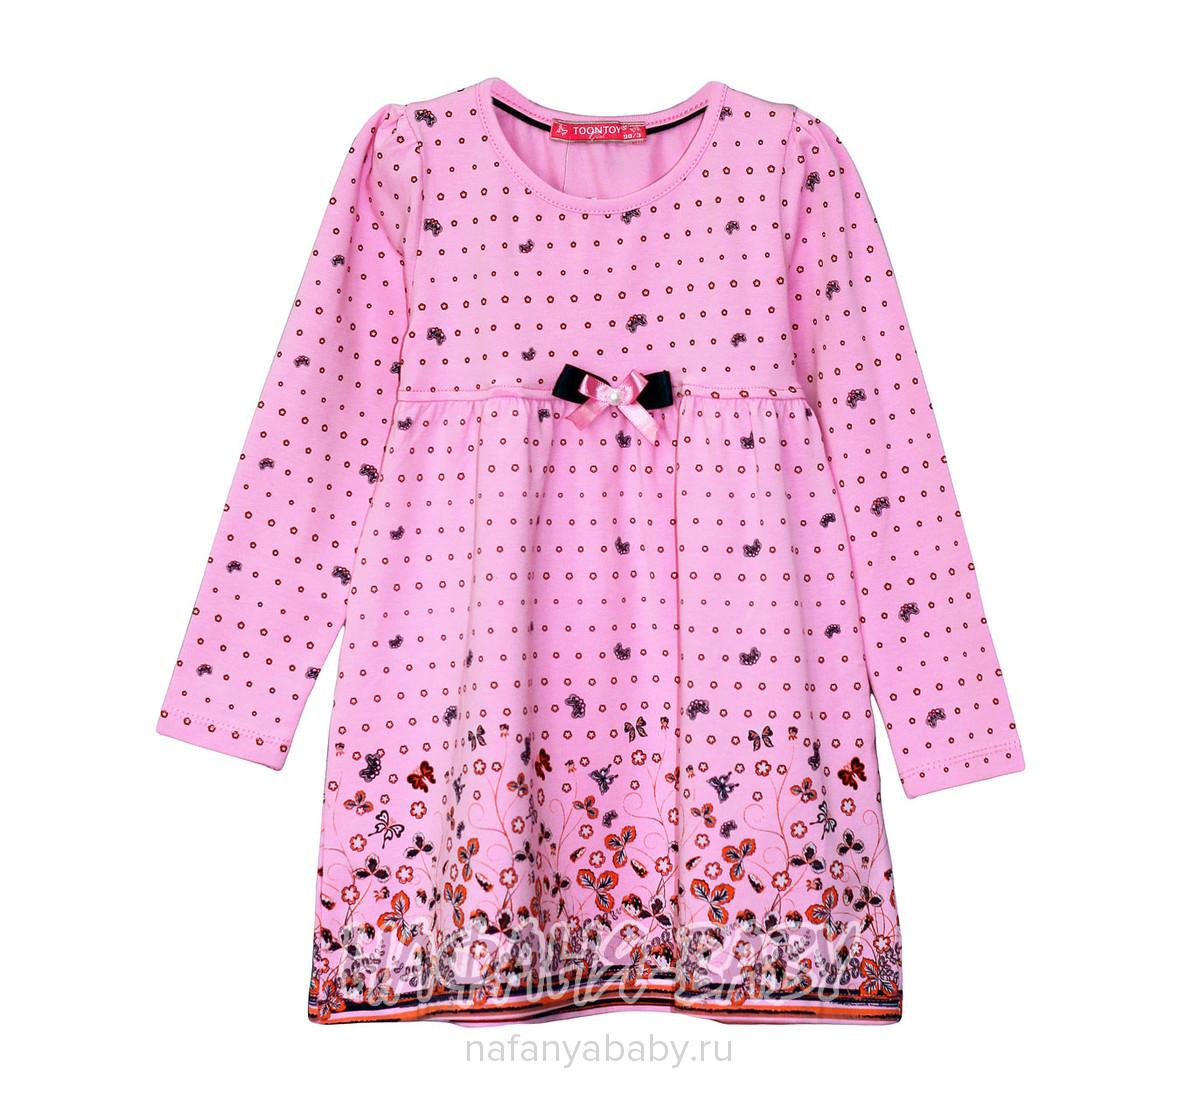 Детское трикотажное платье с длинным рукавом TOONTOY арт: 7712, 5-9 лет, 1-4 года, цвет бирюзовый, оптом Турция